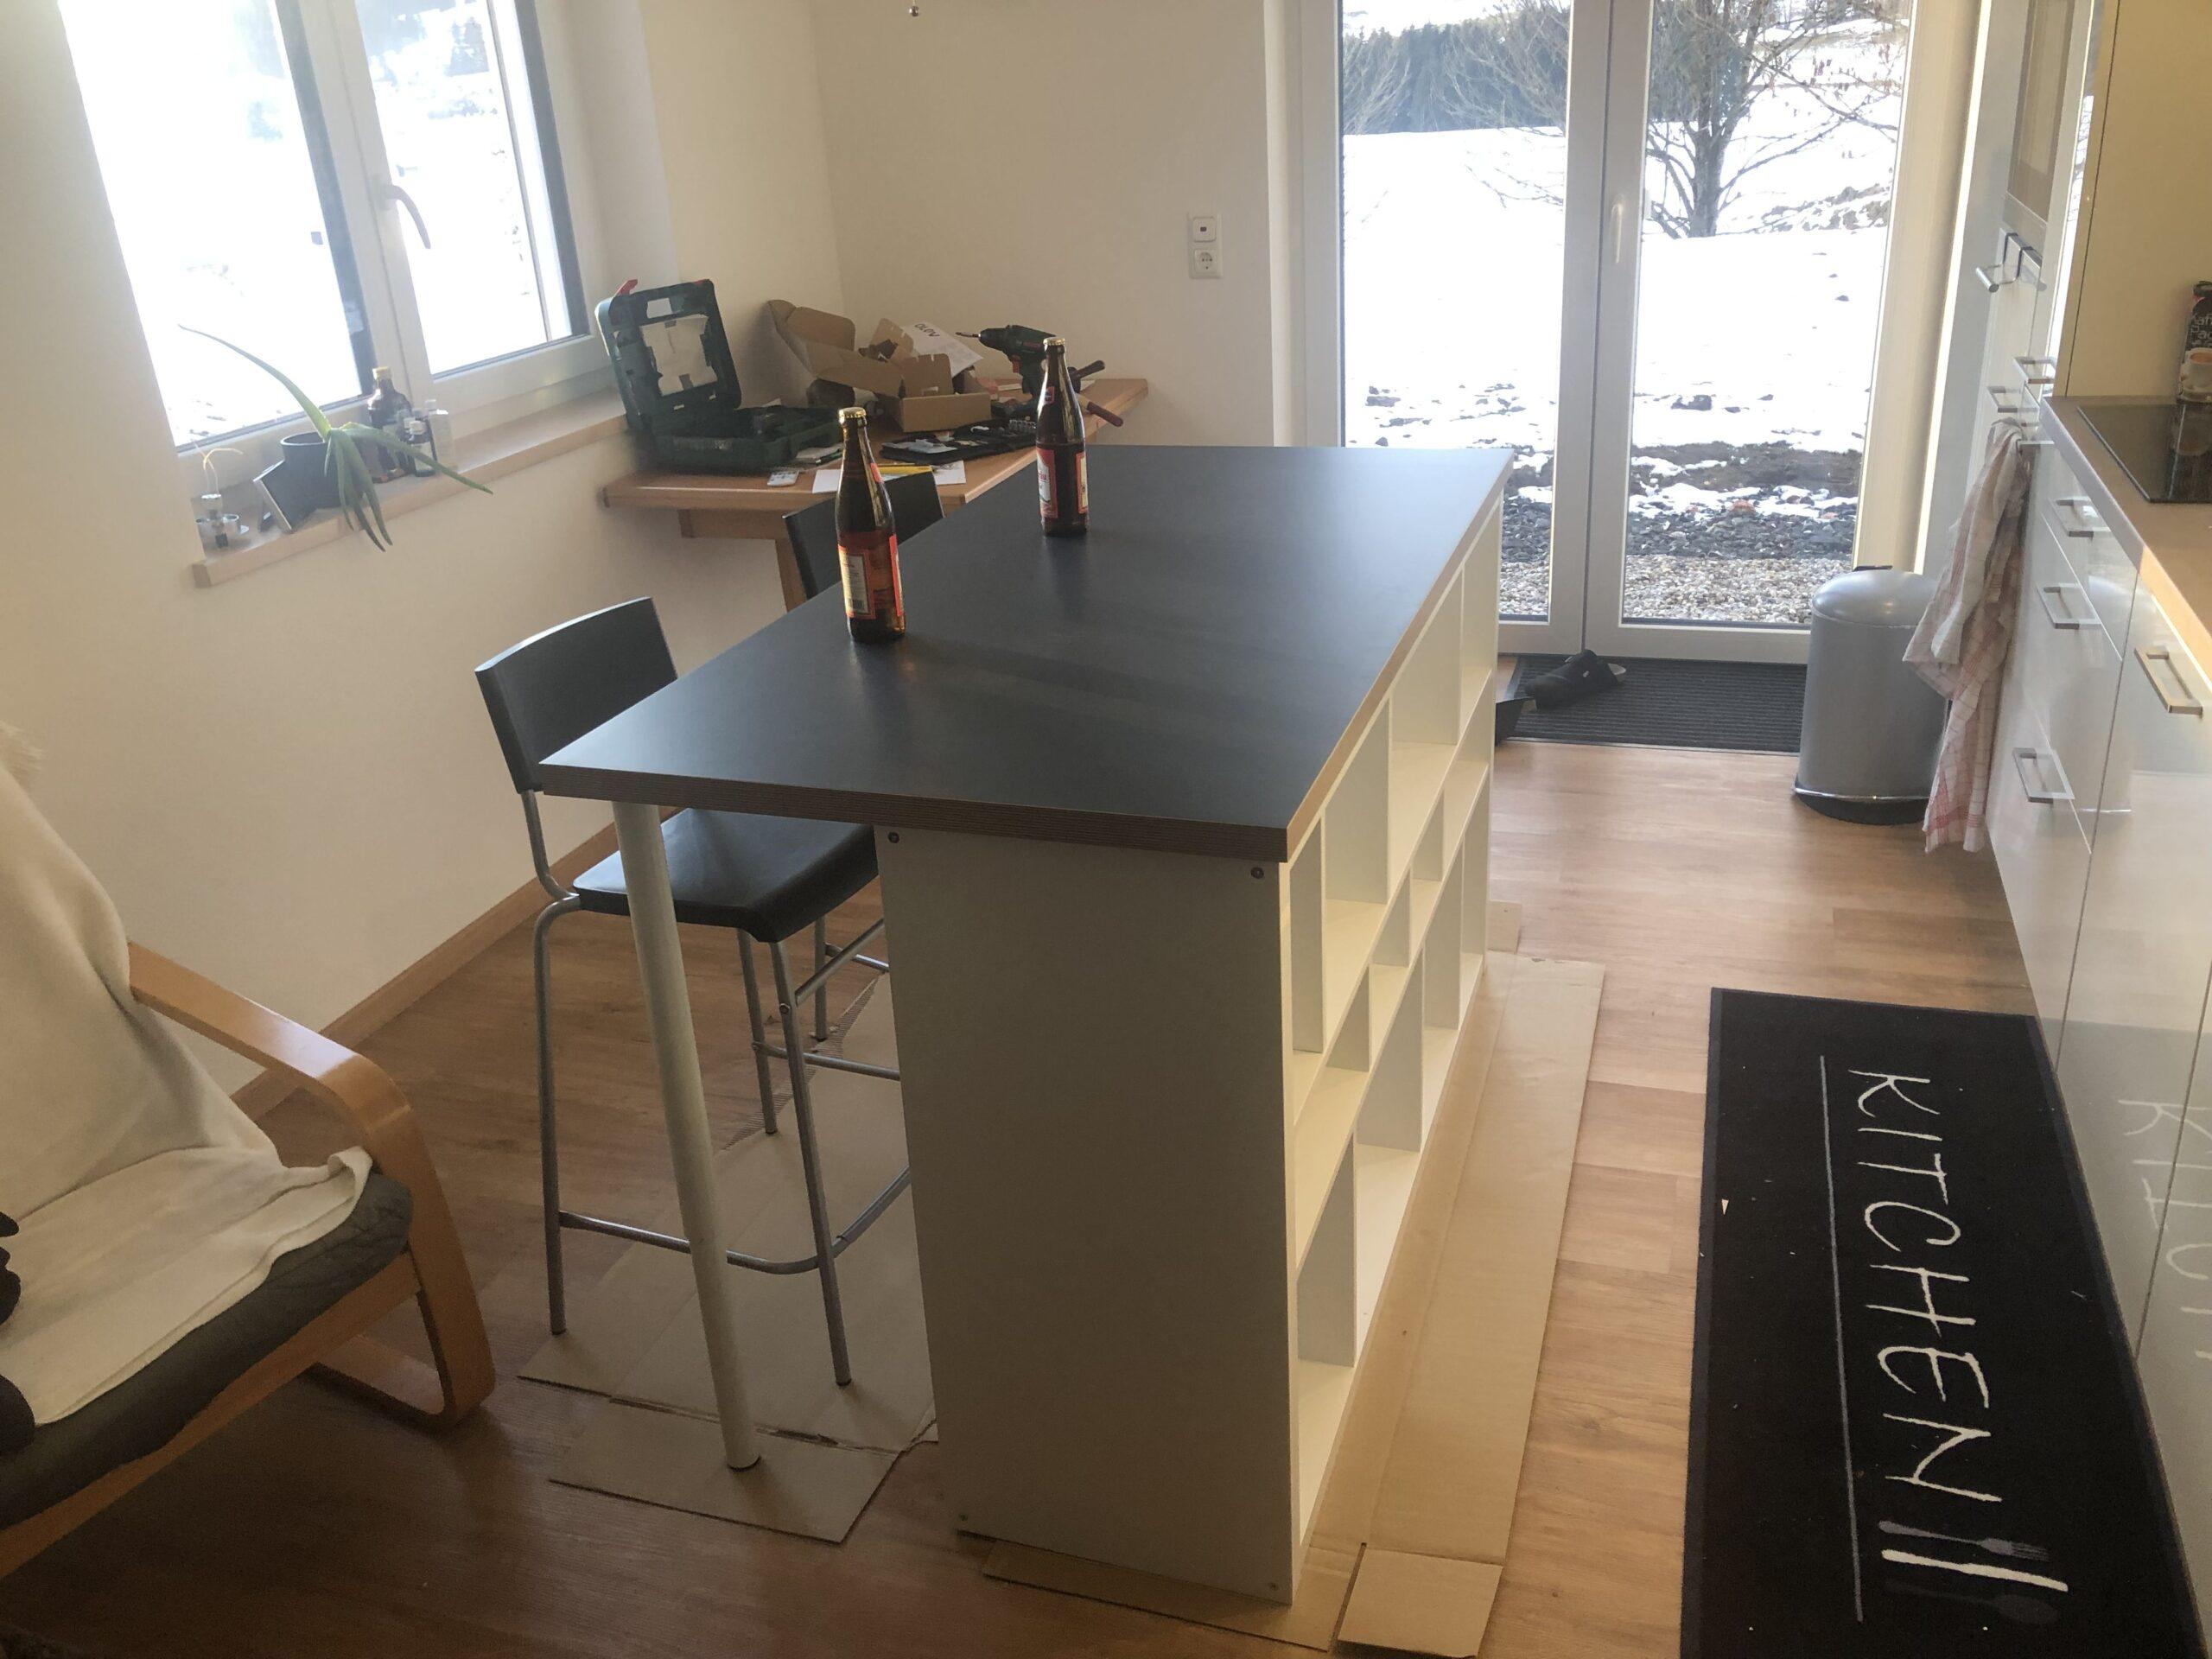 Full Size of Kcheninsel Diy Mit Ikea Produkten Wohnzimmer Kücheninsel